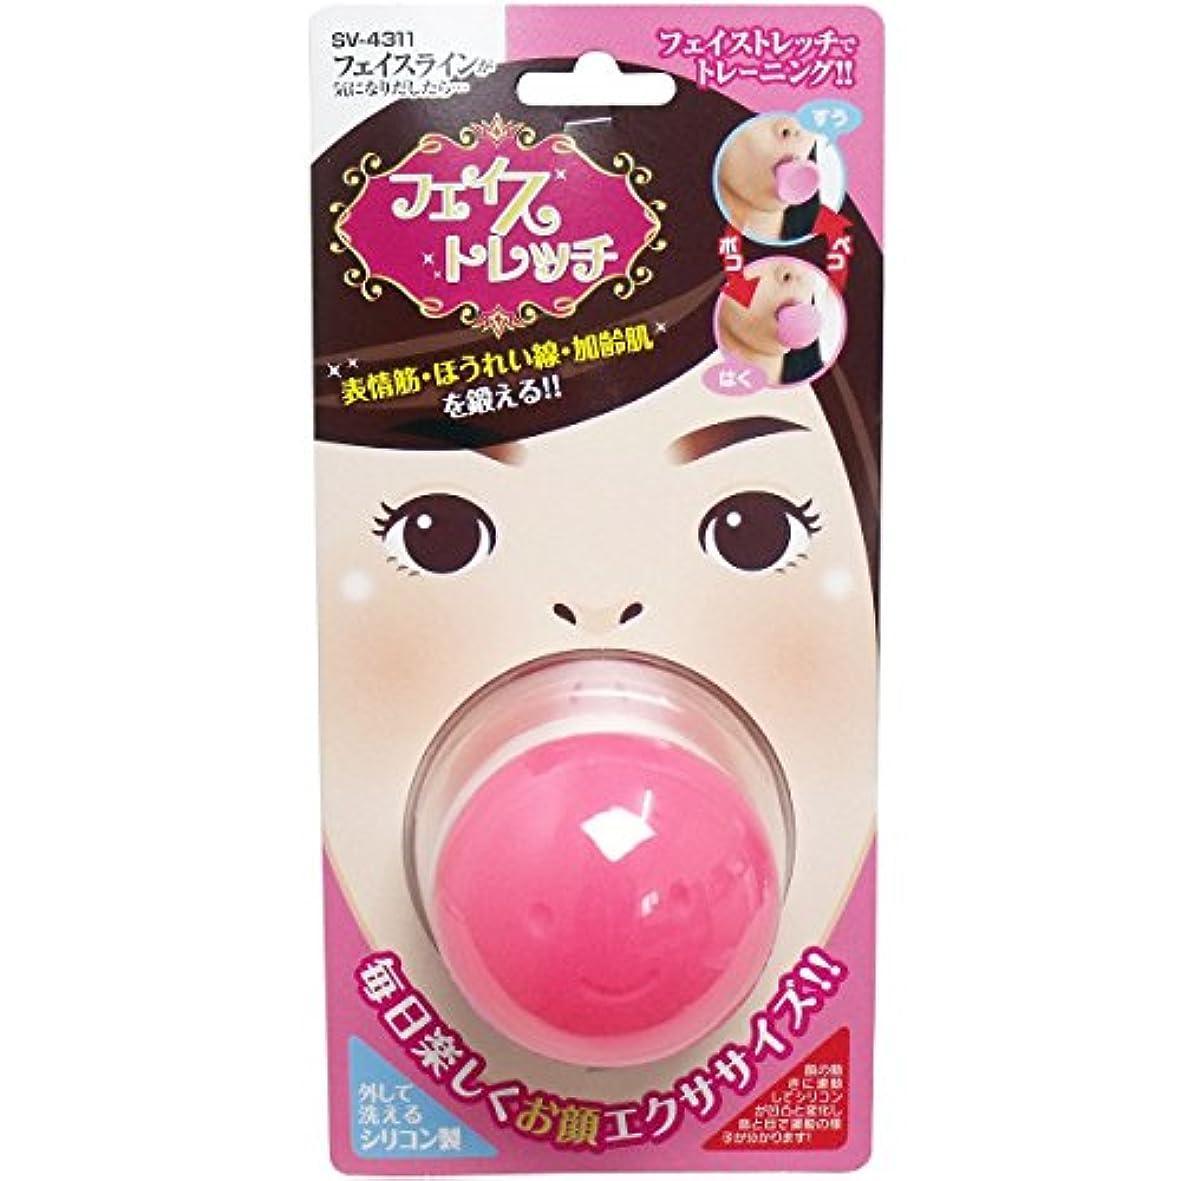 虐殺お風呂を持っている弾丸フェイスストレッチ 1日2~3分、口にくわえて息を吸ったり吐いたりするだけ 使いやすい フェイストレッチ SV-4311【2個セット】